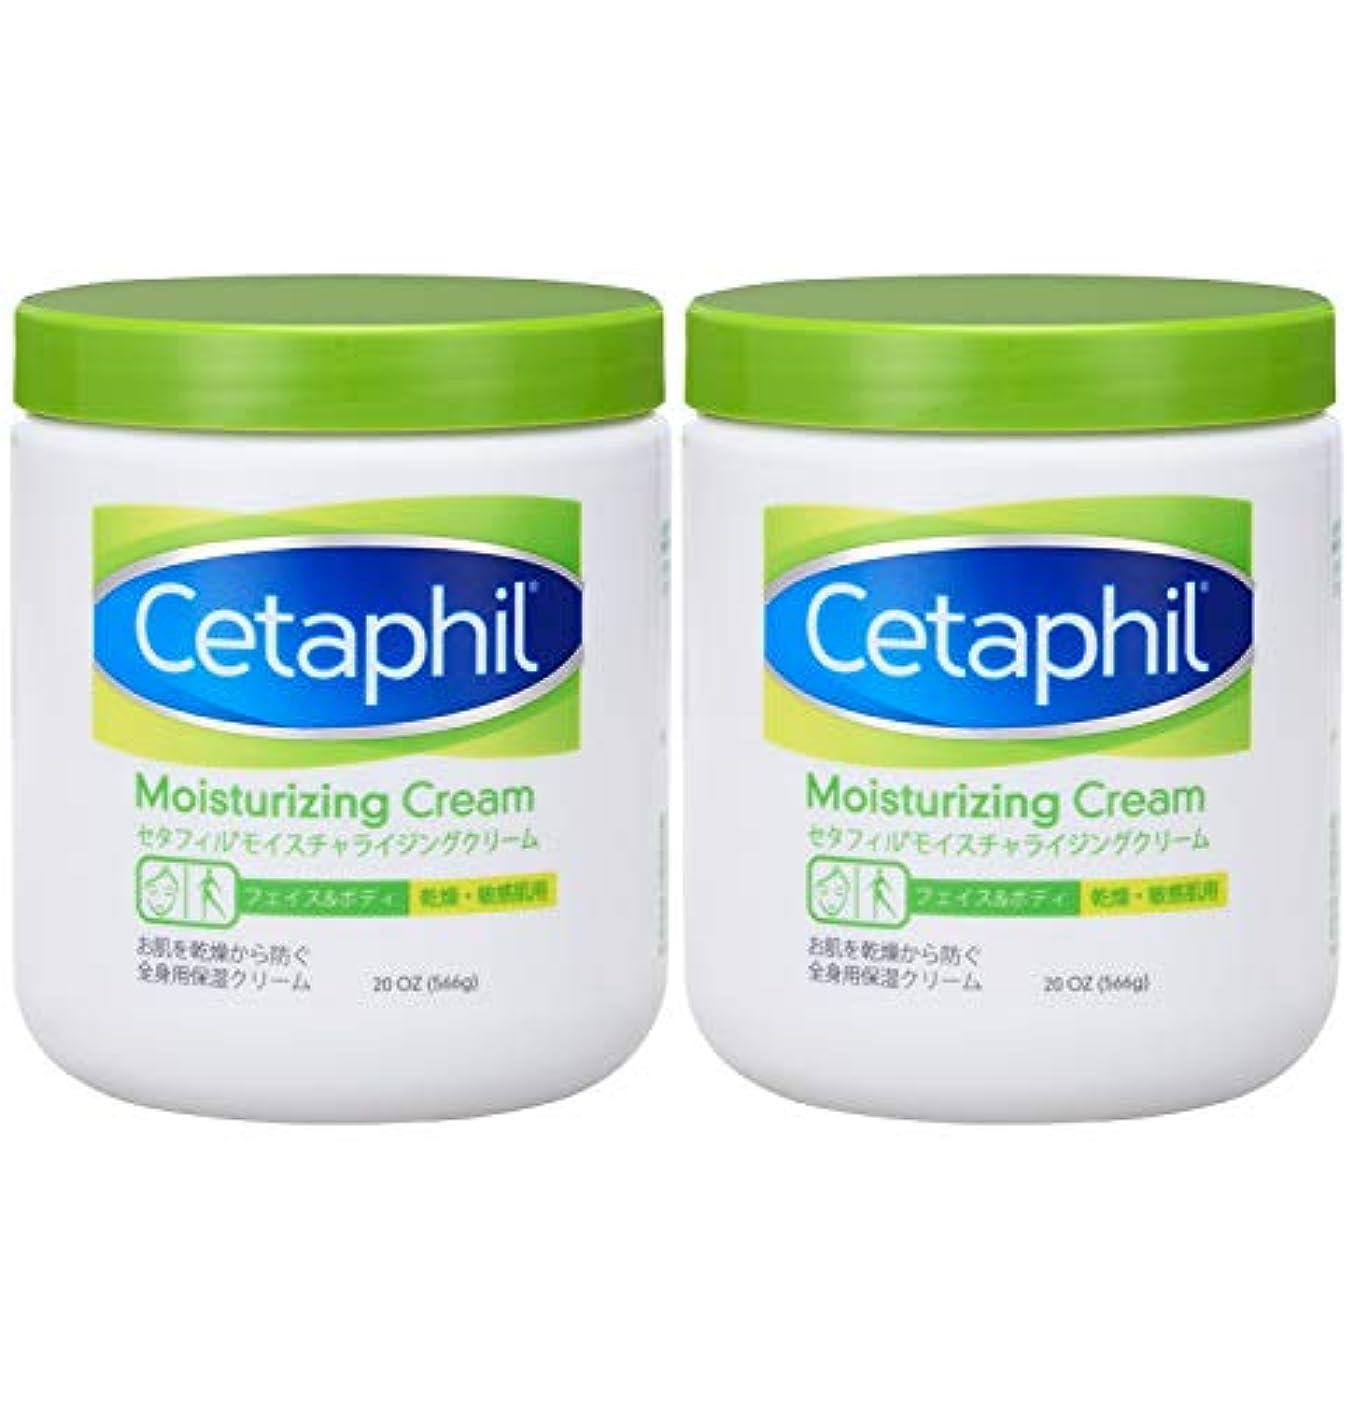 振動するシチリアリマセタフィル Cetaphil ® モイスチャライジングクリーム 566ml 2本組 ( フェイス & ボディ 保湿クリーム クリーム )